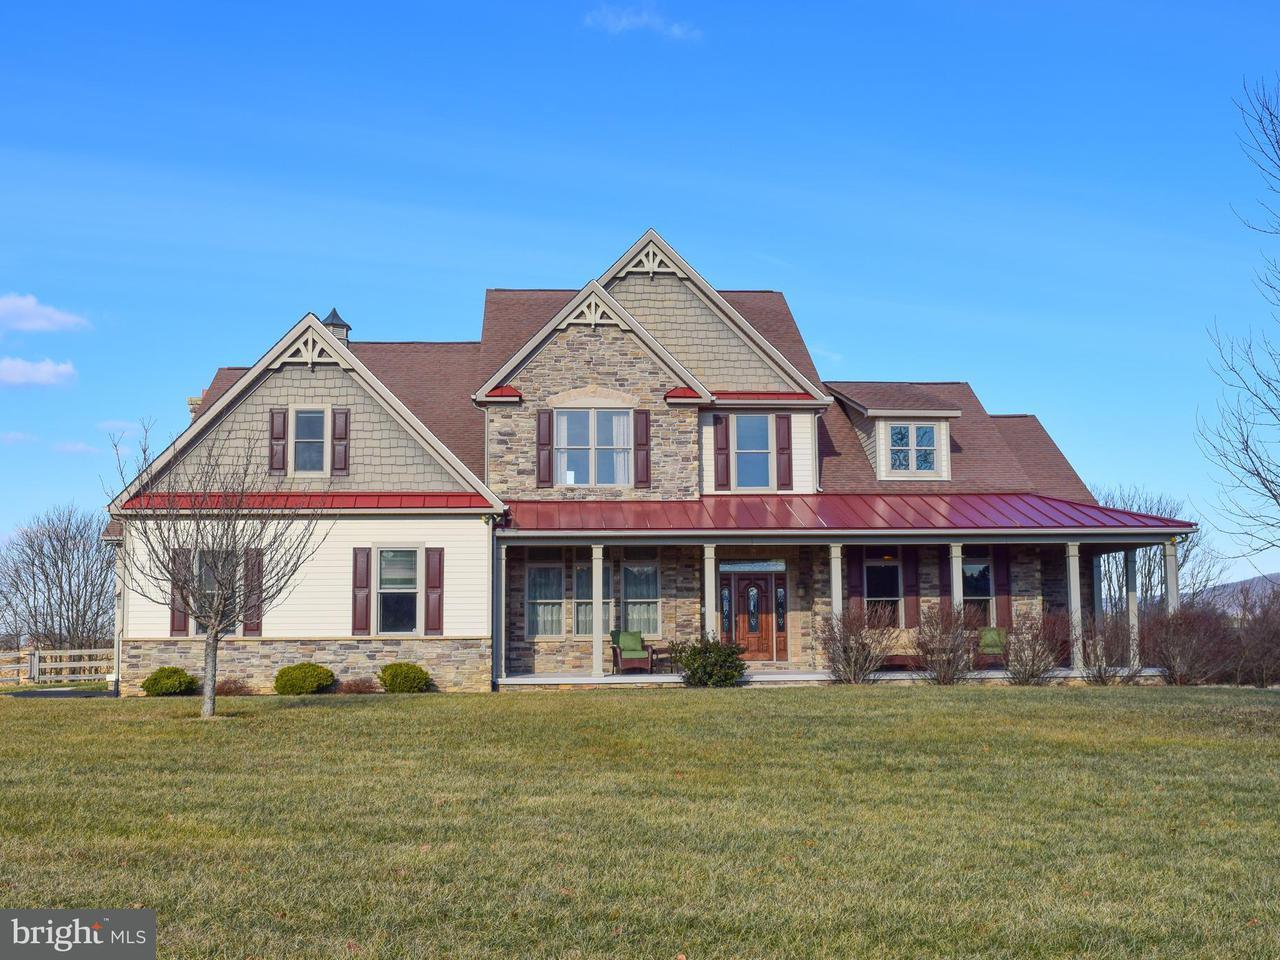 一戸建て のために 売買 アット 20112 Stone Ct W 20112 Stone Ct W Keedysville, メリーランド 21756 アメリカ合衆国